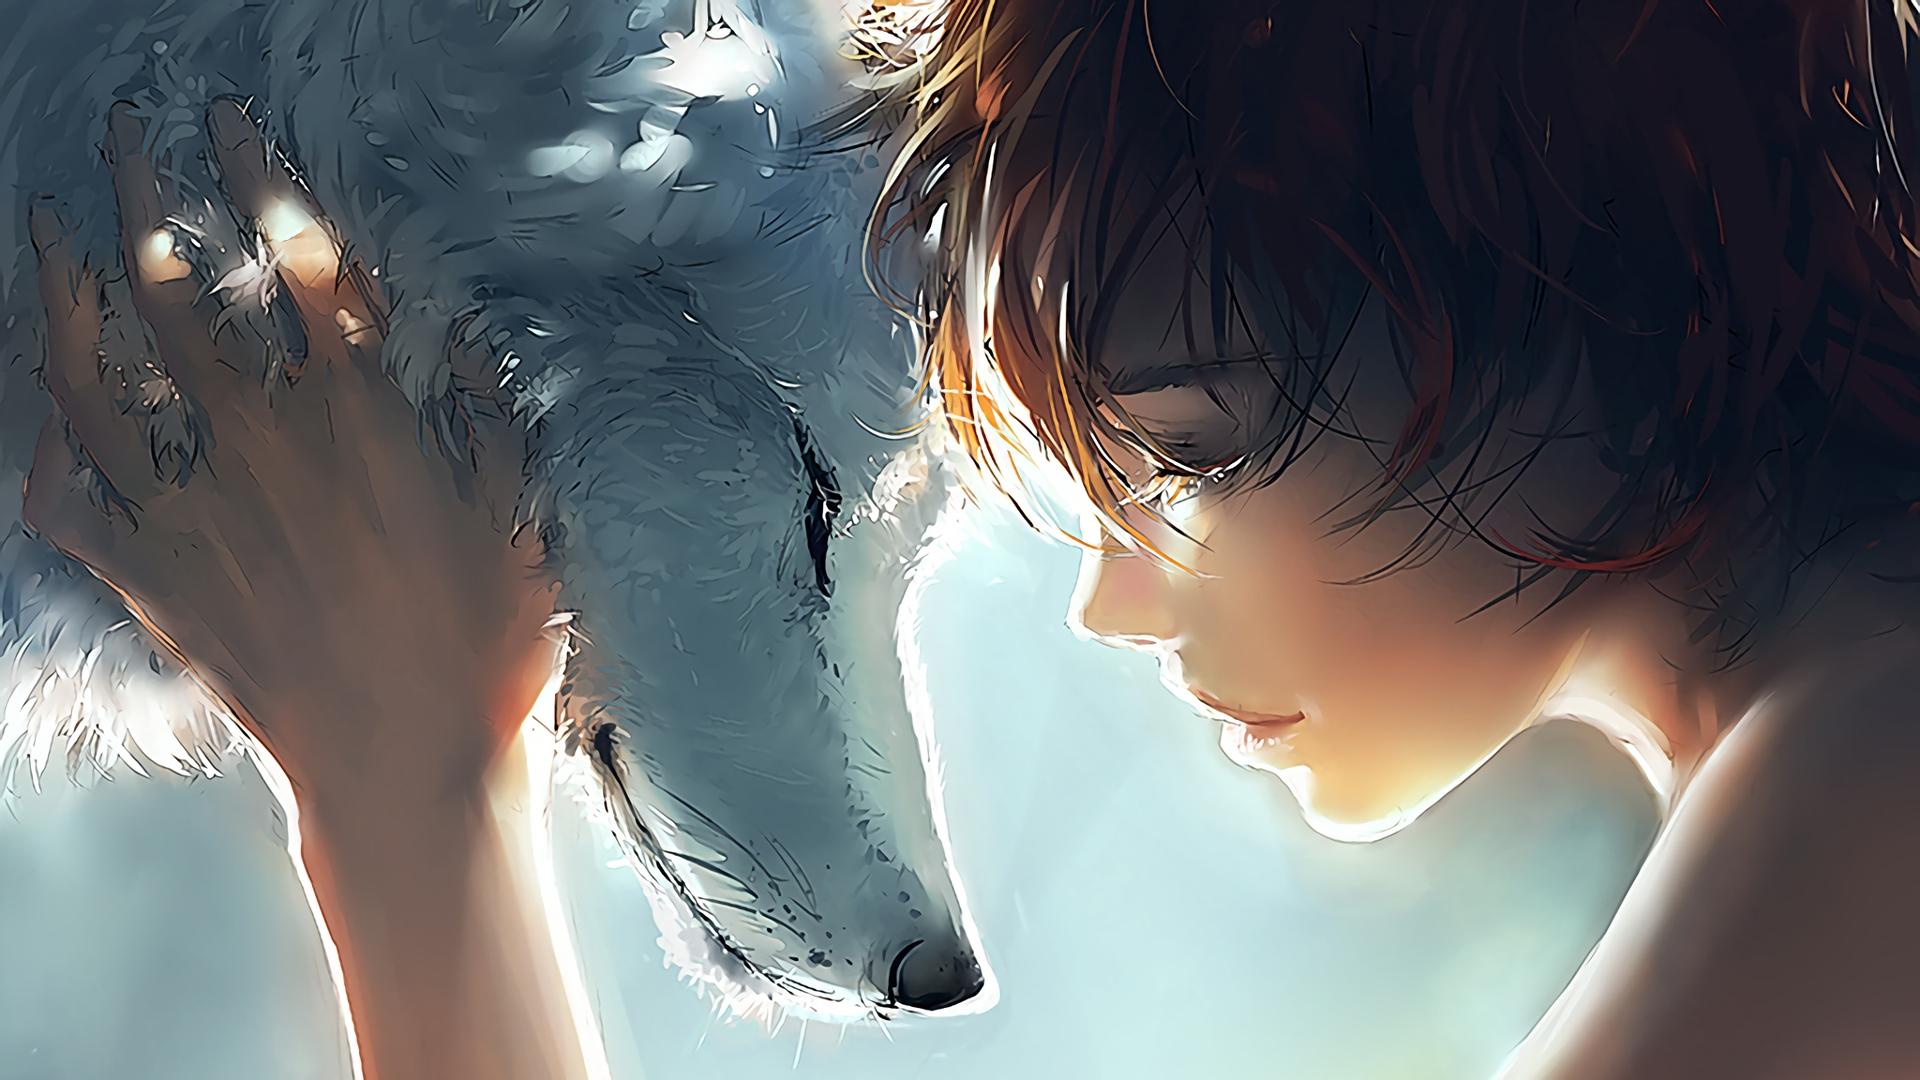 2194563-1920x1080-Anime-Love-1.jpg